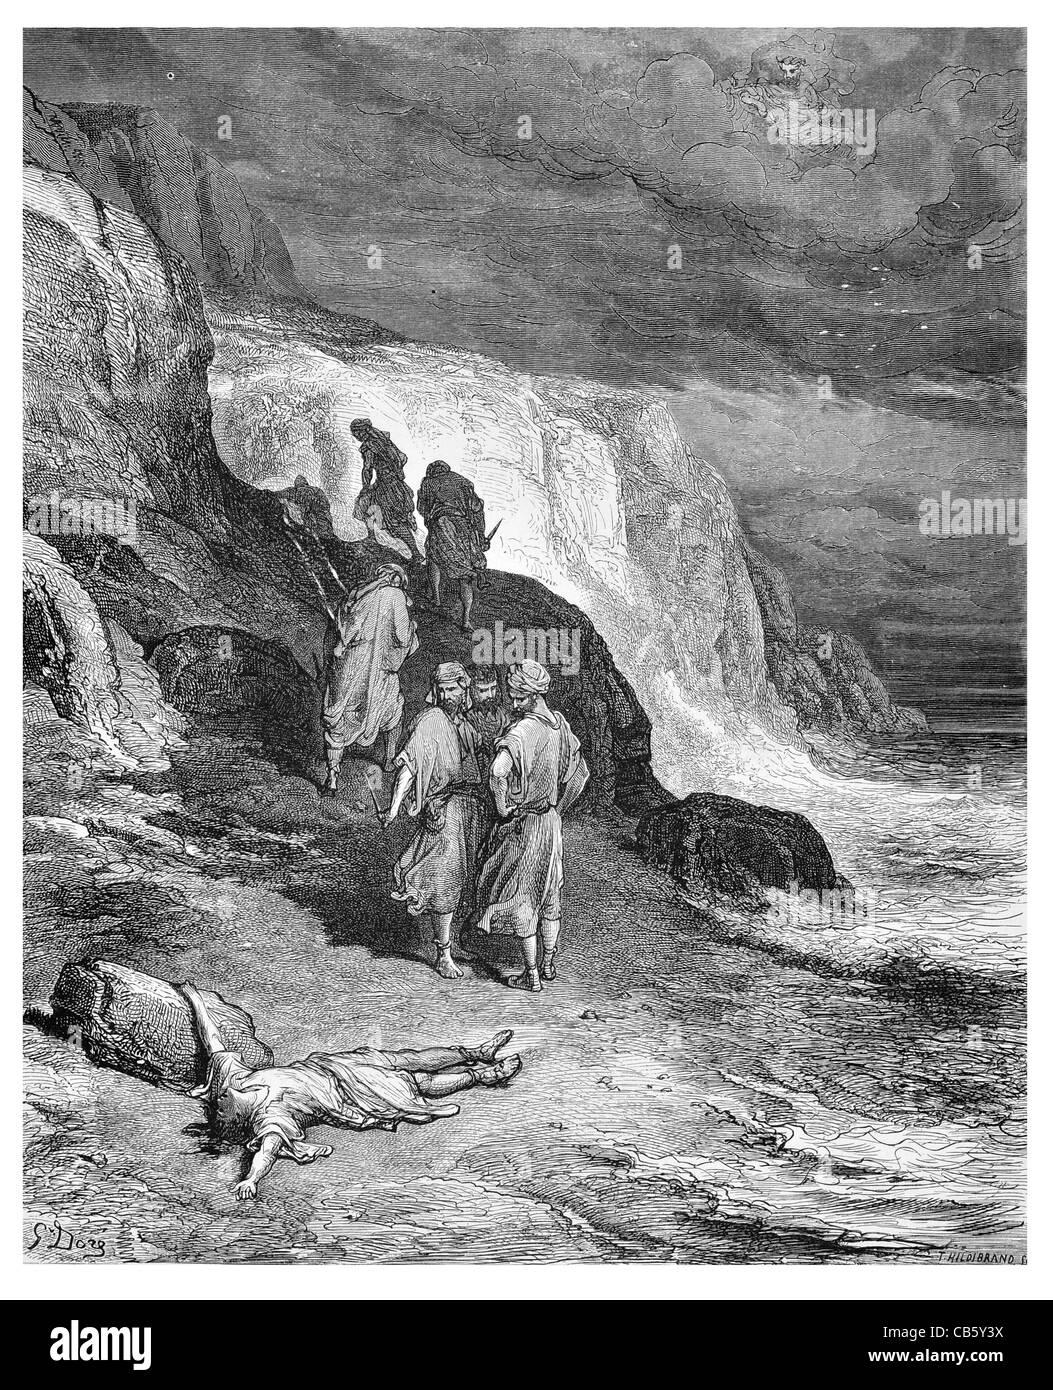 Jupiter et le Passager Passenger gods voyage adventure coast storm knife sword dagger stabbed murder path god clouds - Stock Image